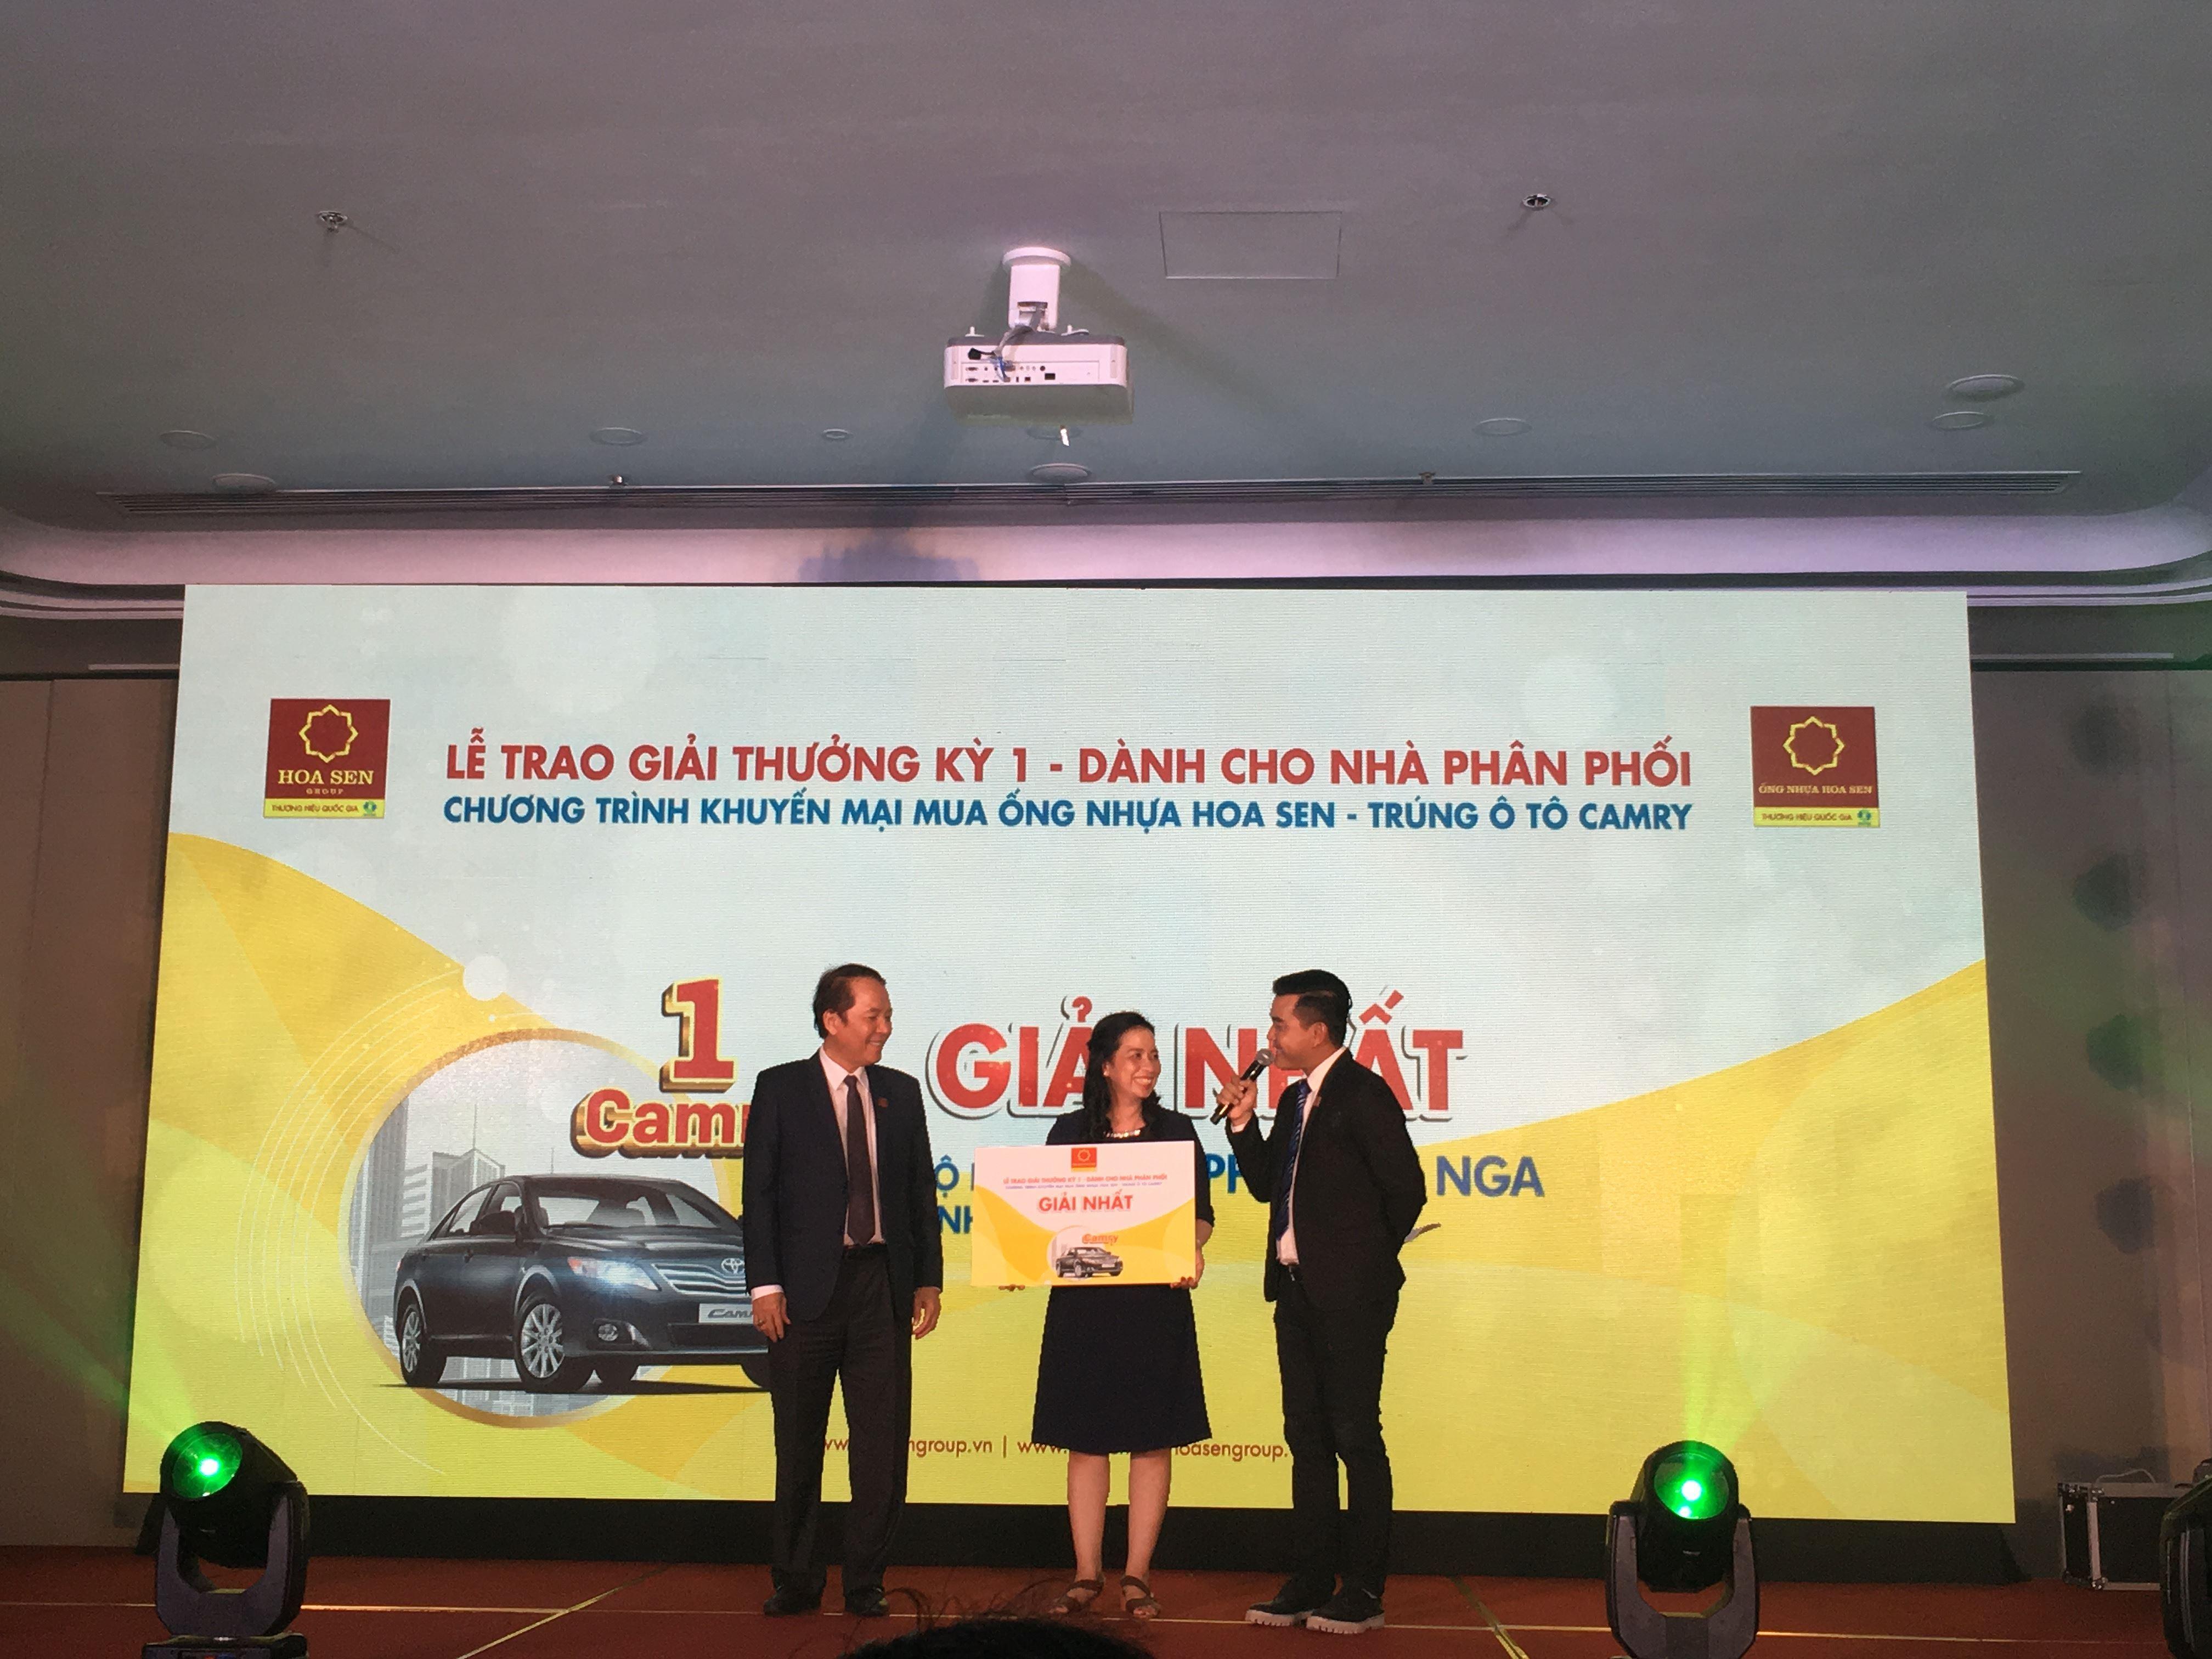 Hoa Sen tặng ô tô Camry cho nhà phân phối, đại lý mua ống nhựa ảnh 1